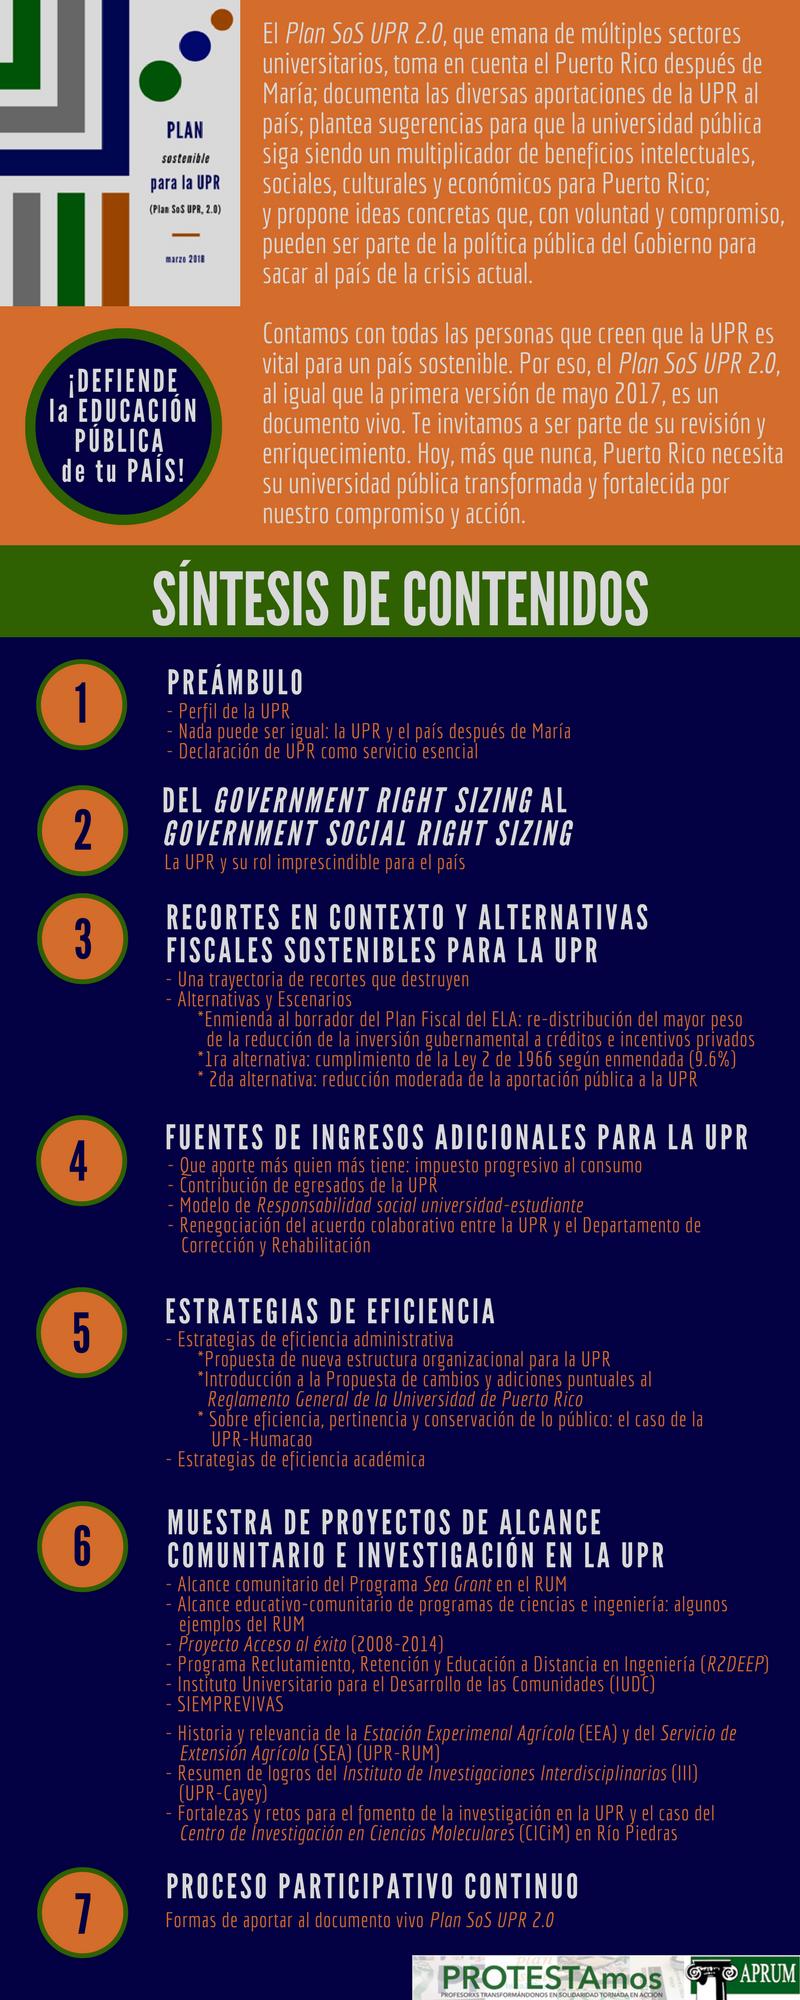 Síntesis de contenidos_Plan SoS UPR 2.0_marzo 2018.png